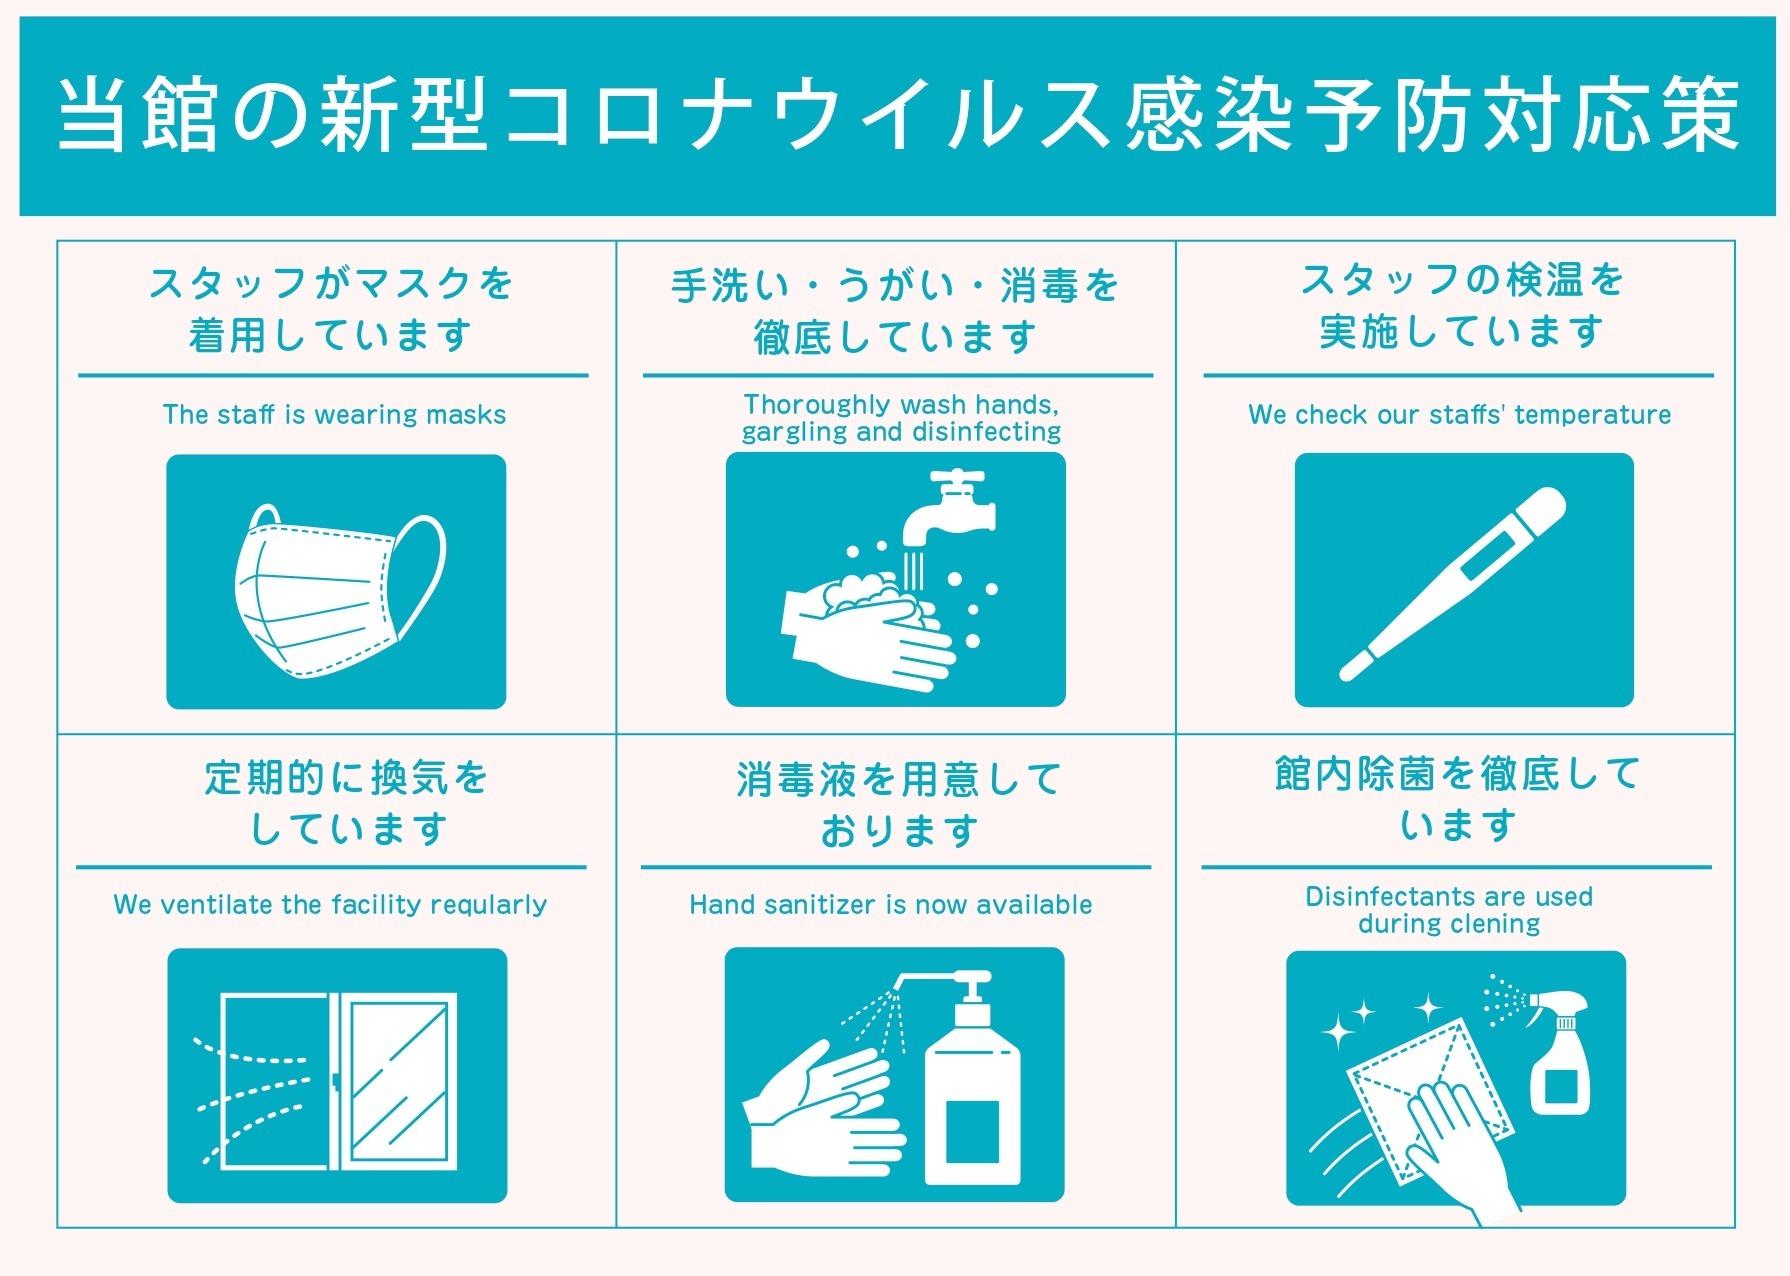 【ワーケーション応援】Wi-Fi完備・温泉有・ミニキッチン付・テレワーク設置【202号室】